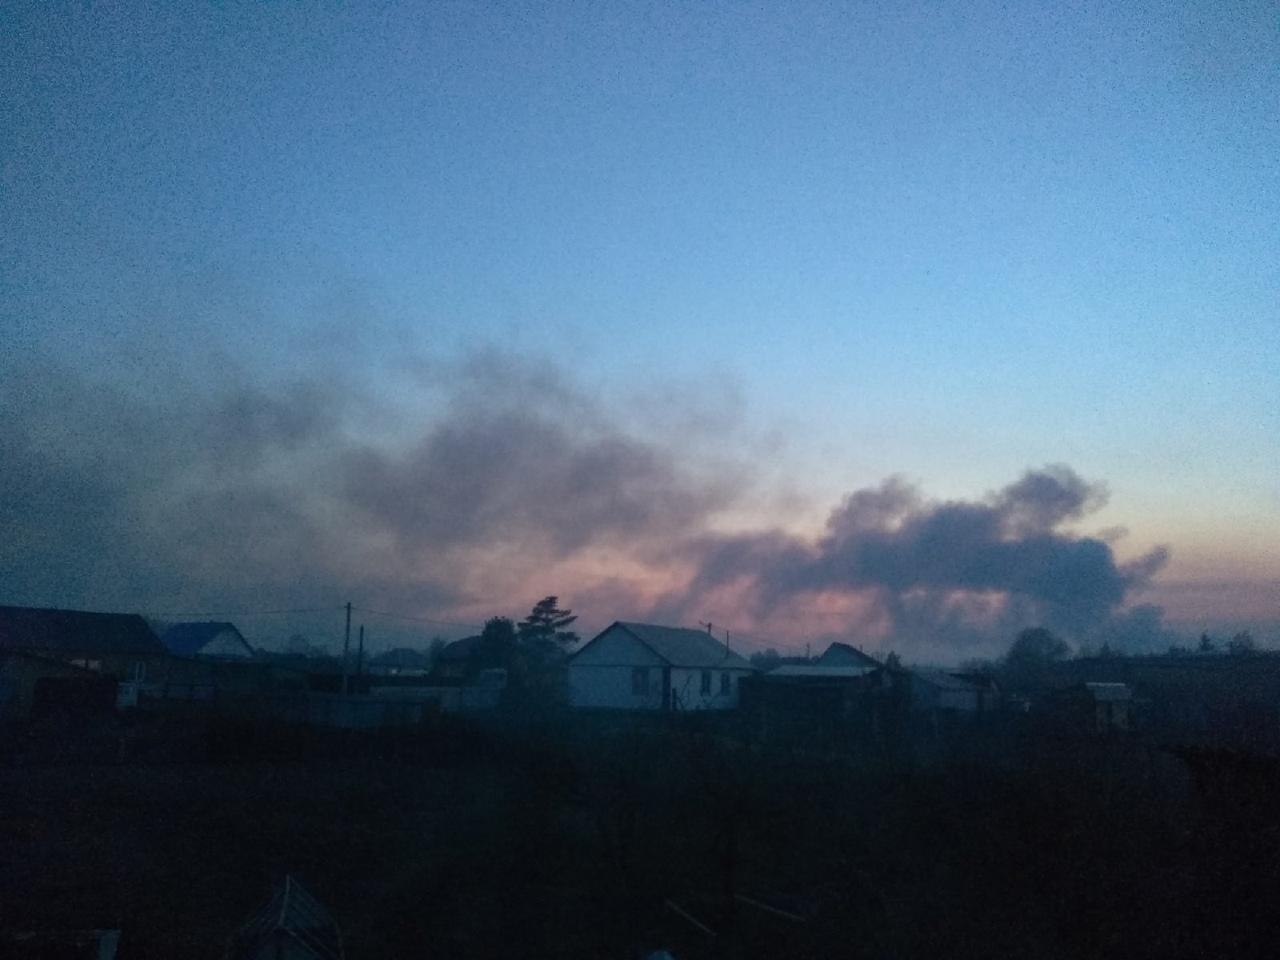 На севере Омской области полыхает огромный лесной пожар: огонь подбирается к Муромцево #Омск #Общество #Сегодня